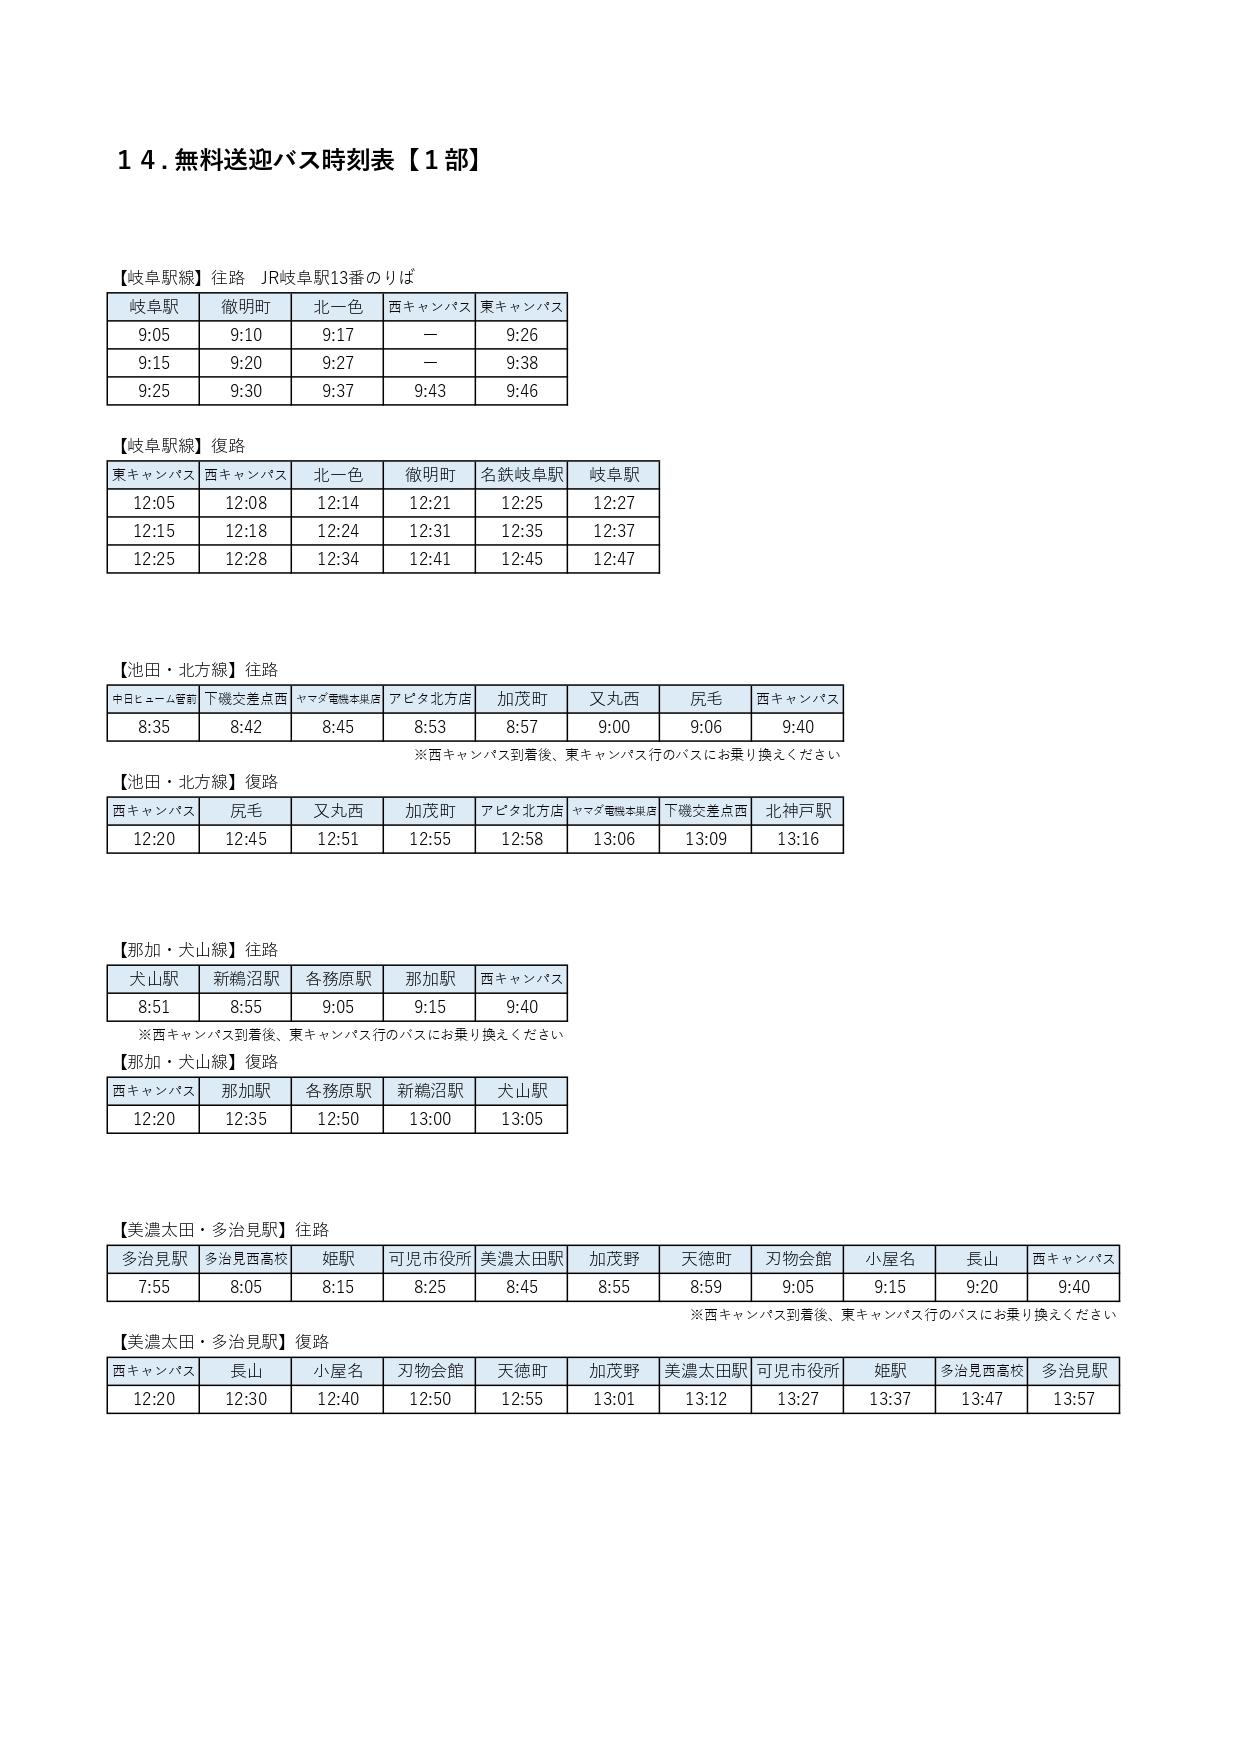 ⑤-2  OCバス時刻表【Ⅱ部制】岐阜線3本1部「新」_page-0001